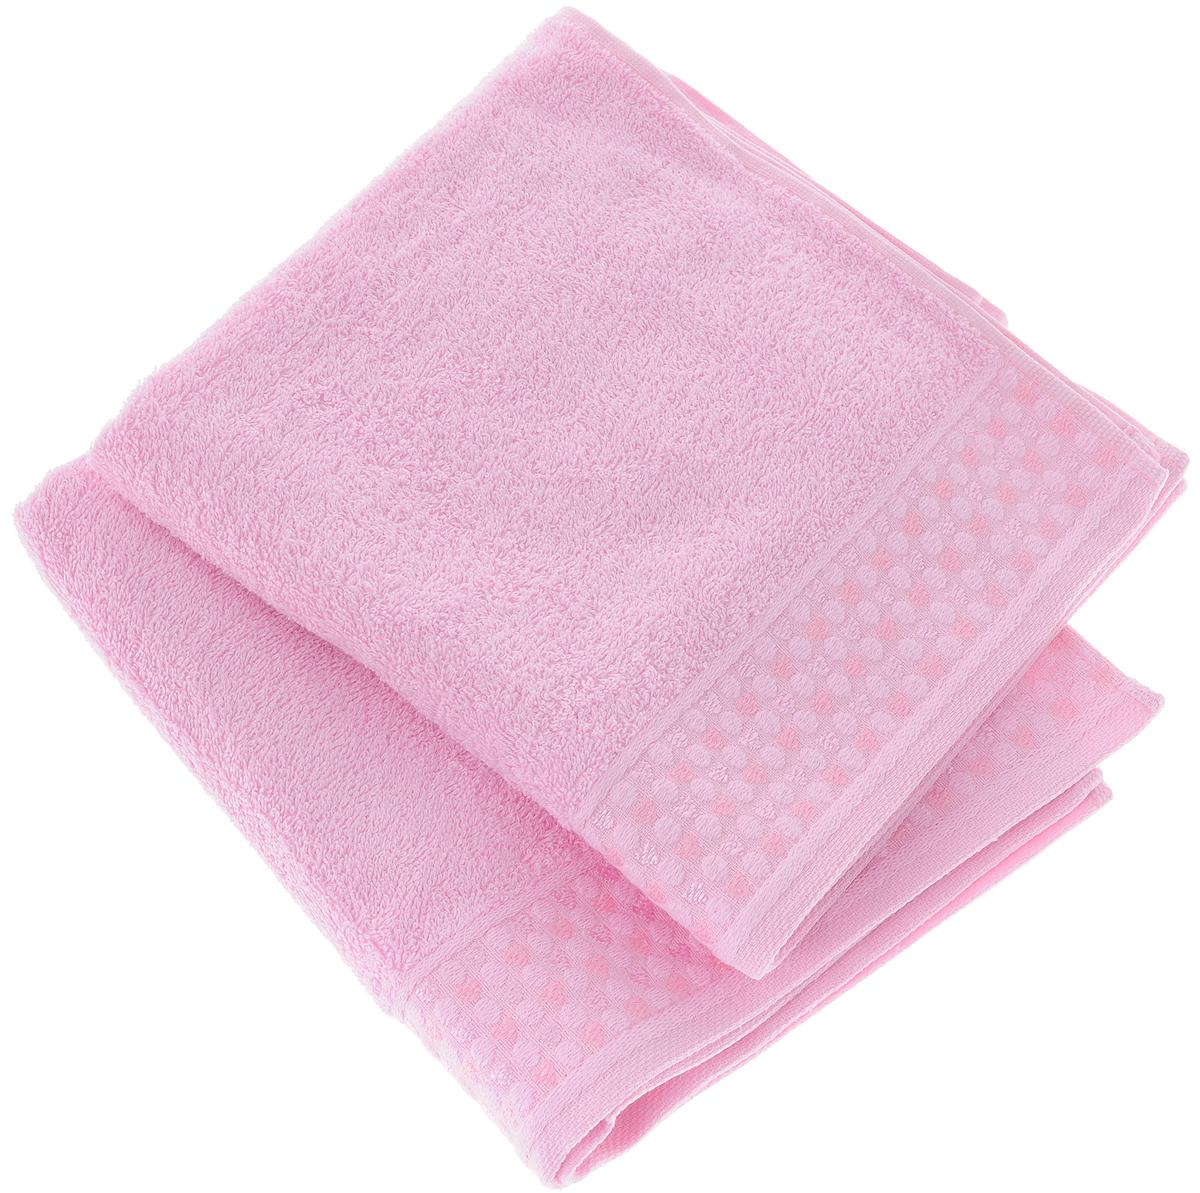 Набор полотенец Tete-a-Tete Сердечки, цвет: розовый, 2 шт. УНП-104-04кУНП-104-04кНабор Tete-a-Tete Сердечки состоит из двух махровых полотенец, выполненных из натурального 100% хлопка. Бордюр полотенец декорирован рисунком сердечек. Изделия мягкие, отлично впитывают влагу, быстро сохнут, сохраняют яркость цвета и не теряют форму даже после многократных стирок. Полотенца Tete-a-Tete Сердечки очень практичны и неприхотливы в уходе. Они легко впишутся в любой интерьер благодаря своей нежной цветовой гамме. Набор упакован в красивую коробку и может послужить отличной идеей подарка. Размеры полотенец: 70 х 140 см, 50 х 90 см.